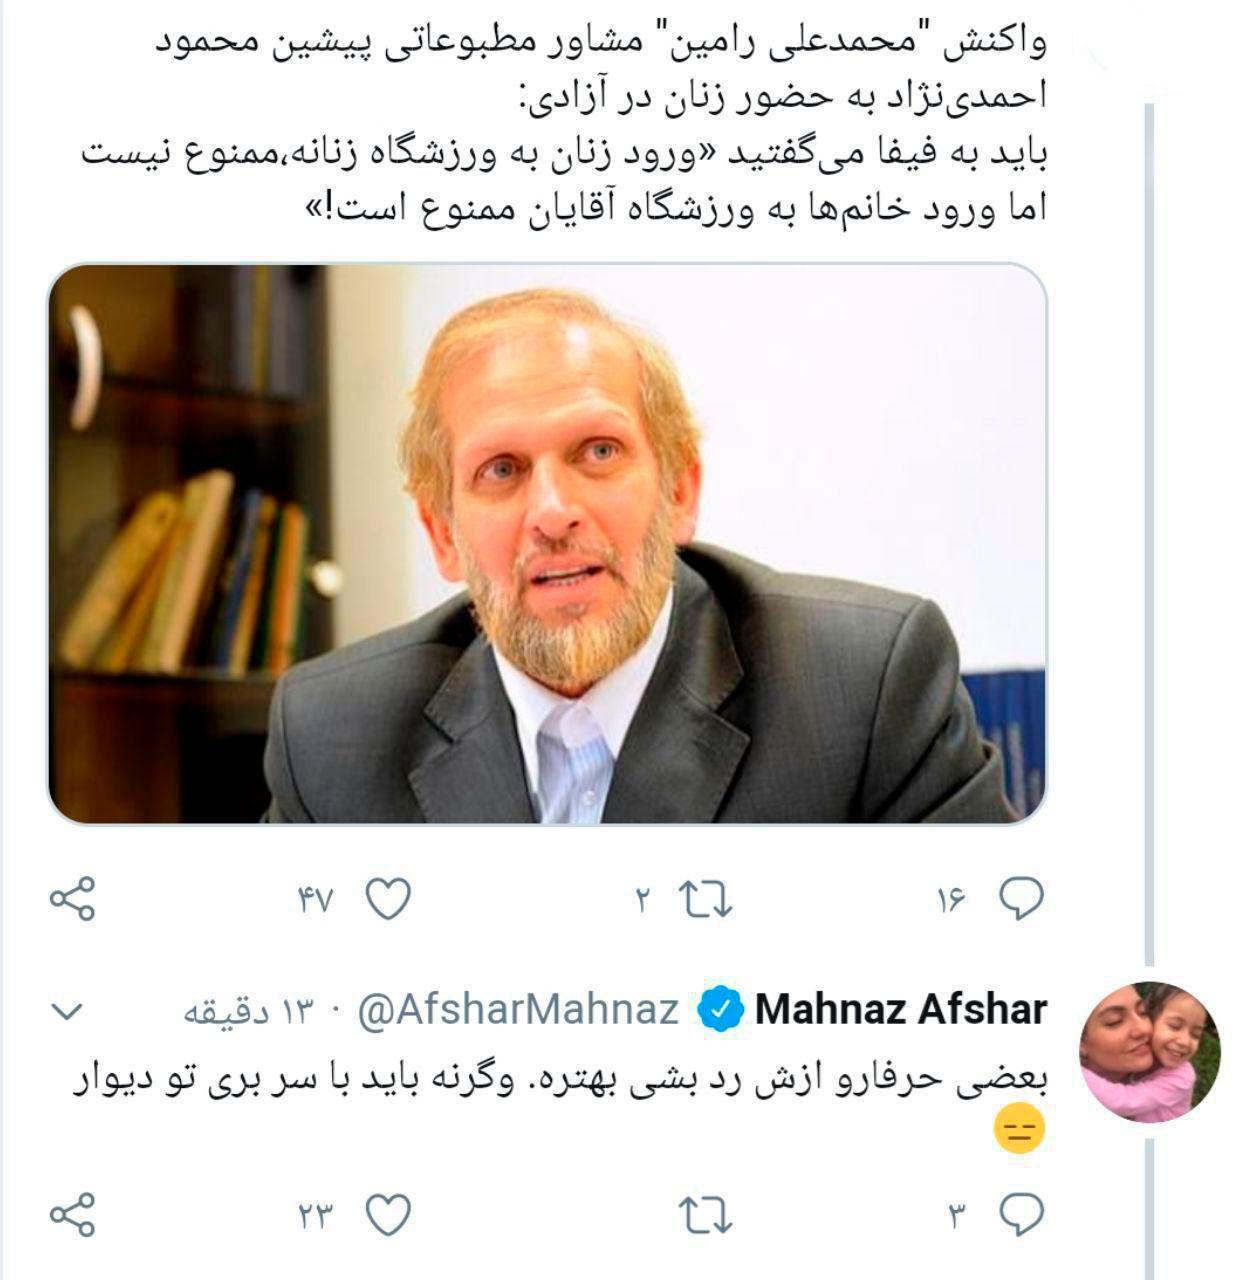 (عکس) واکنش مهناز افشار به اظهارات عجیب پدر شوهر سابقاش